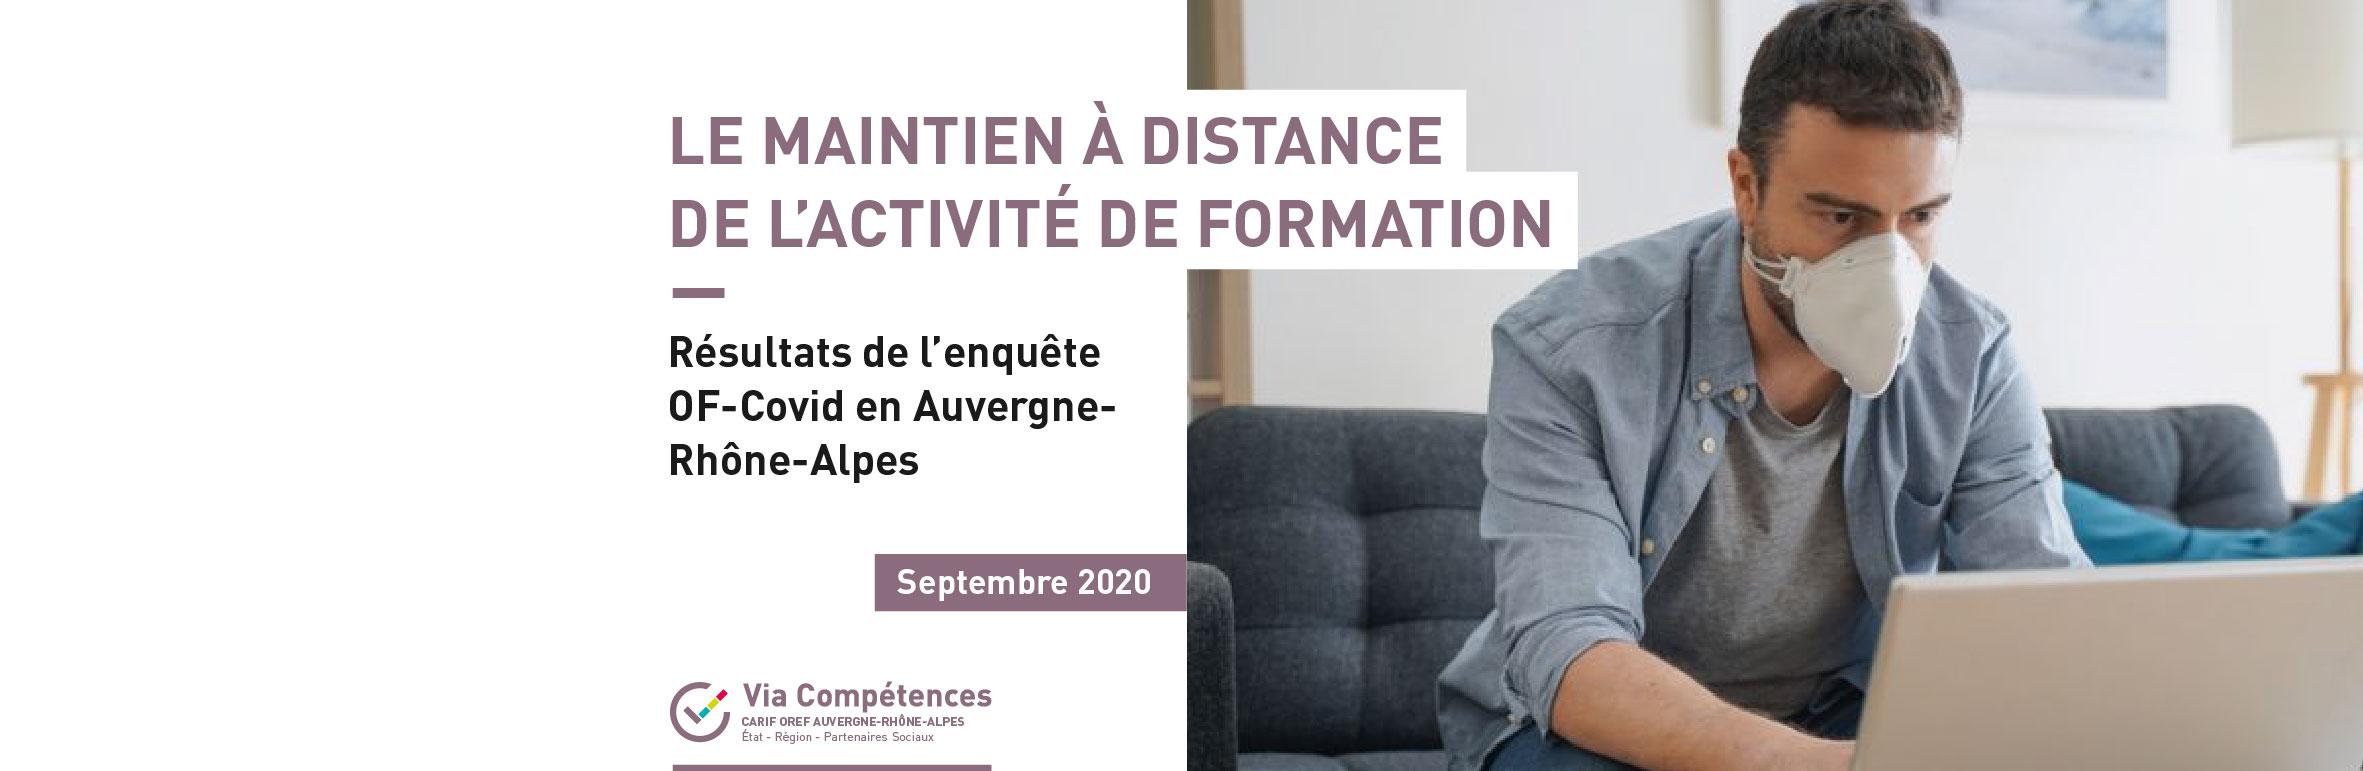 Covid-19 et formation à distance : résultats de l'enquête en Auvergne-Rhône-Alpes